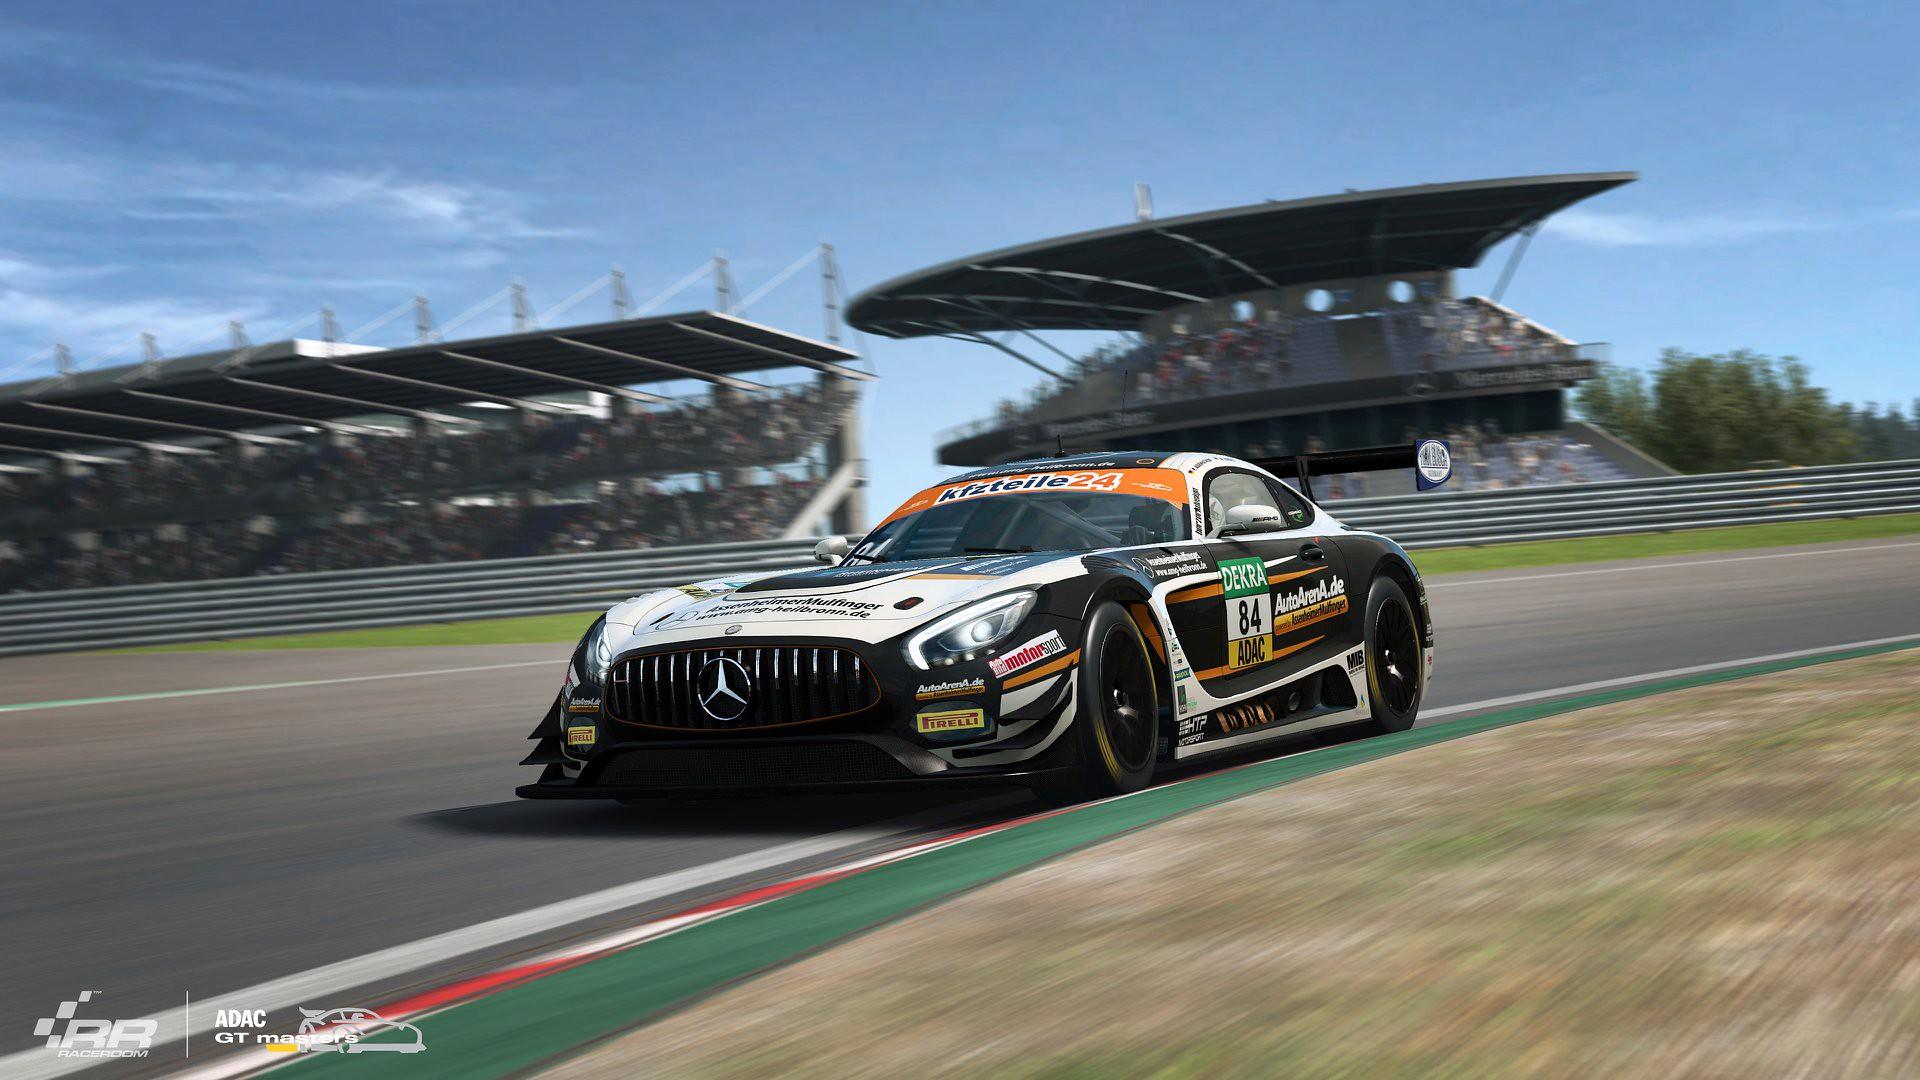 1 RaceRooom Mercedes-AMG teams of ADAC GT Masters 2018